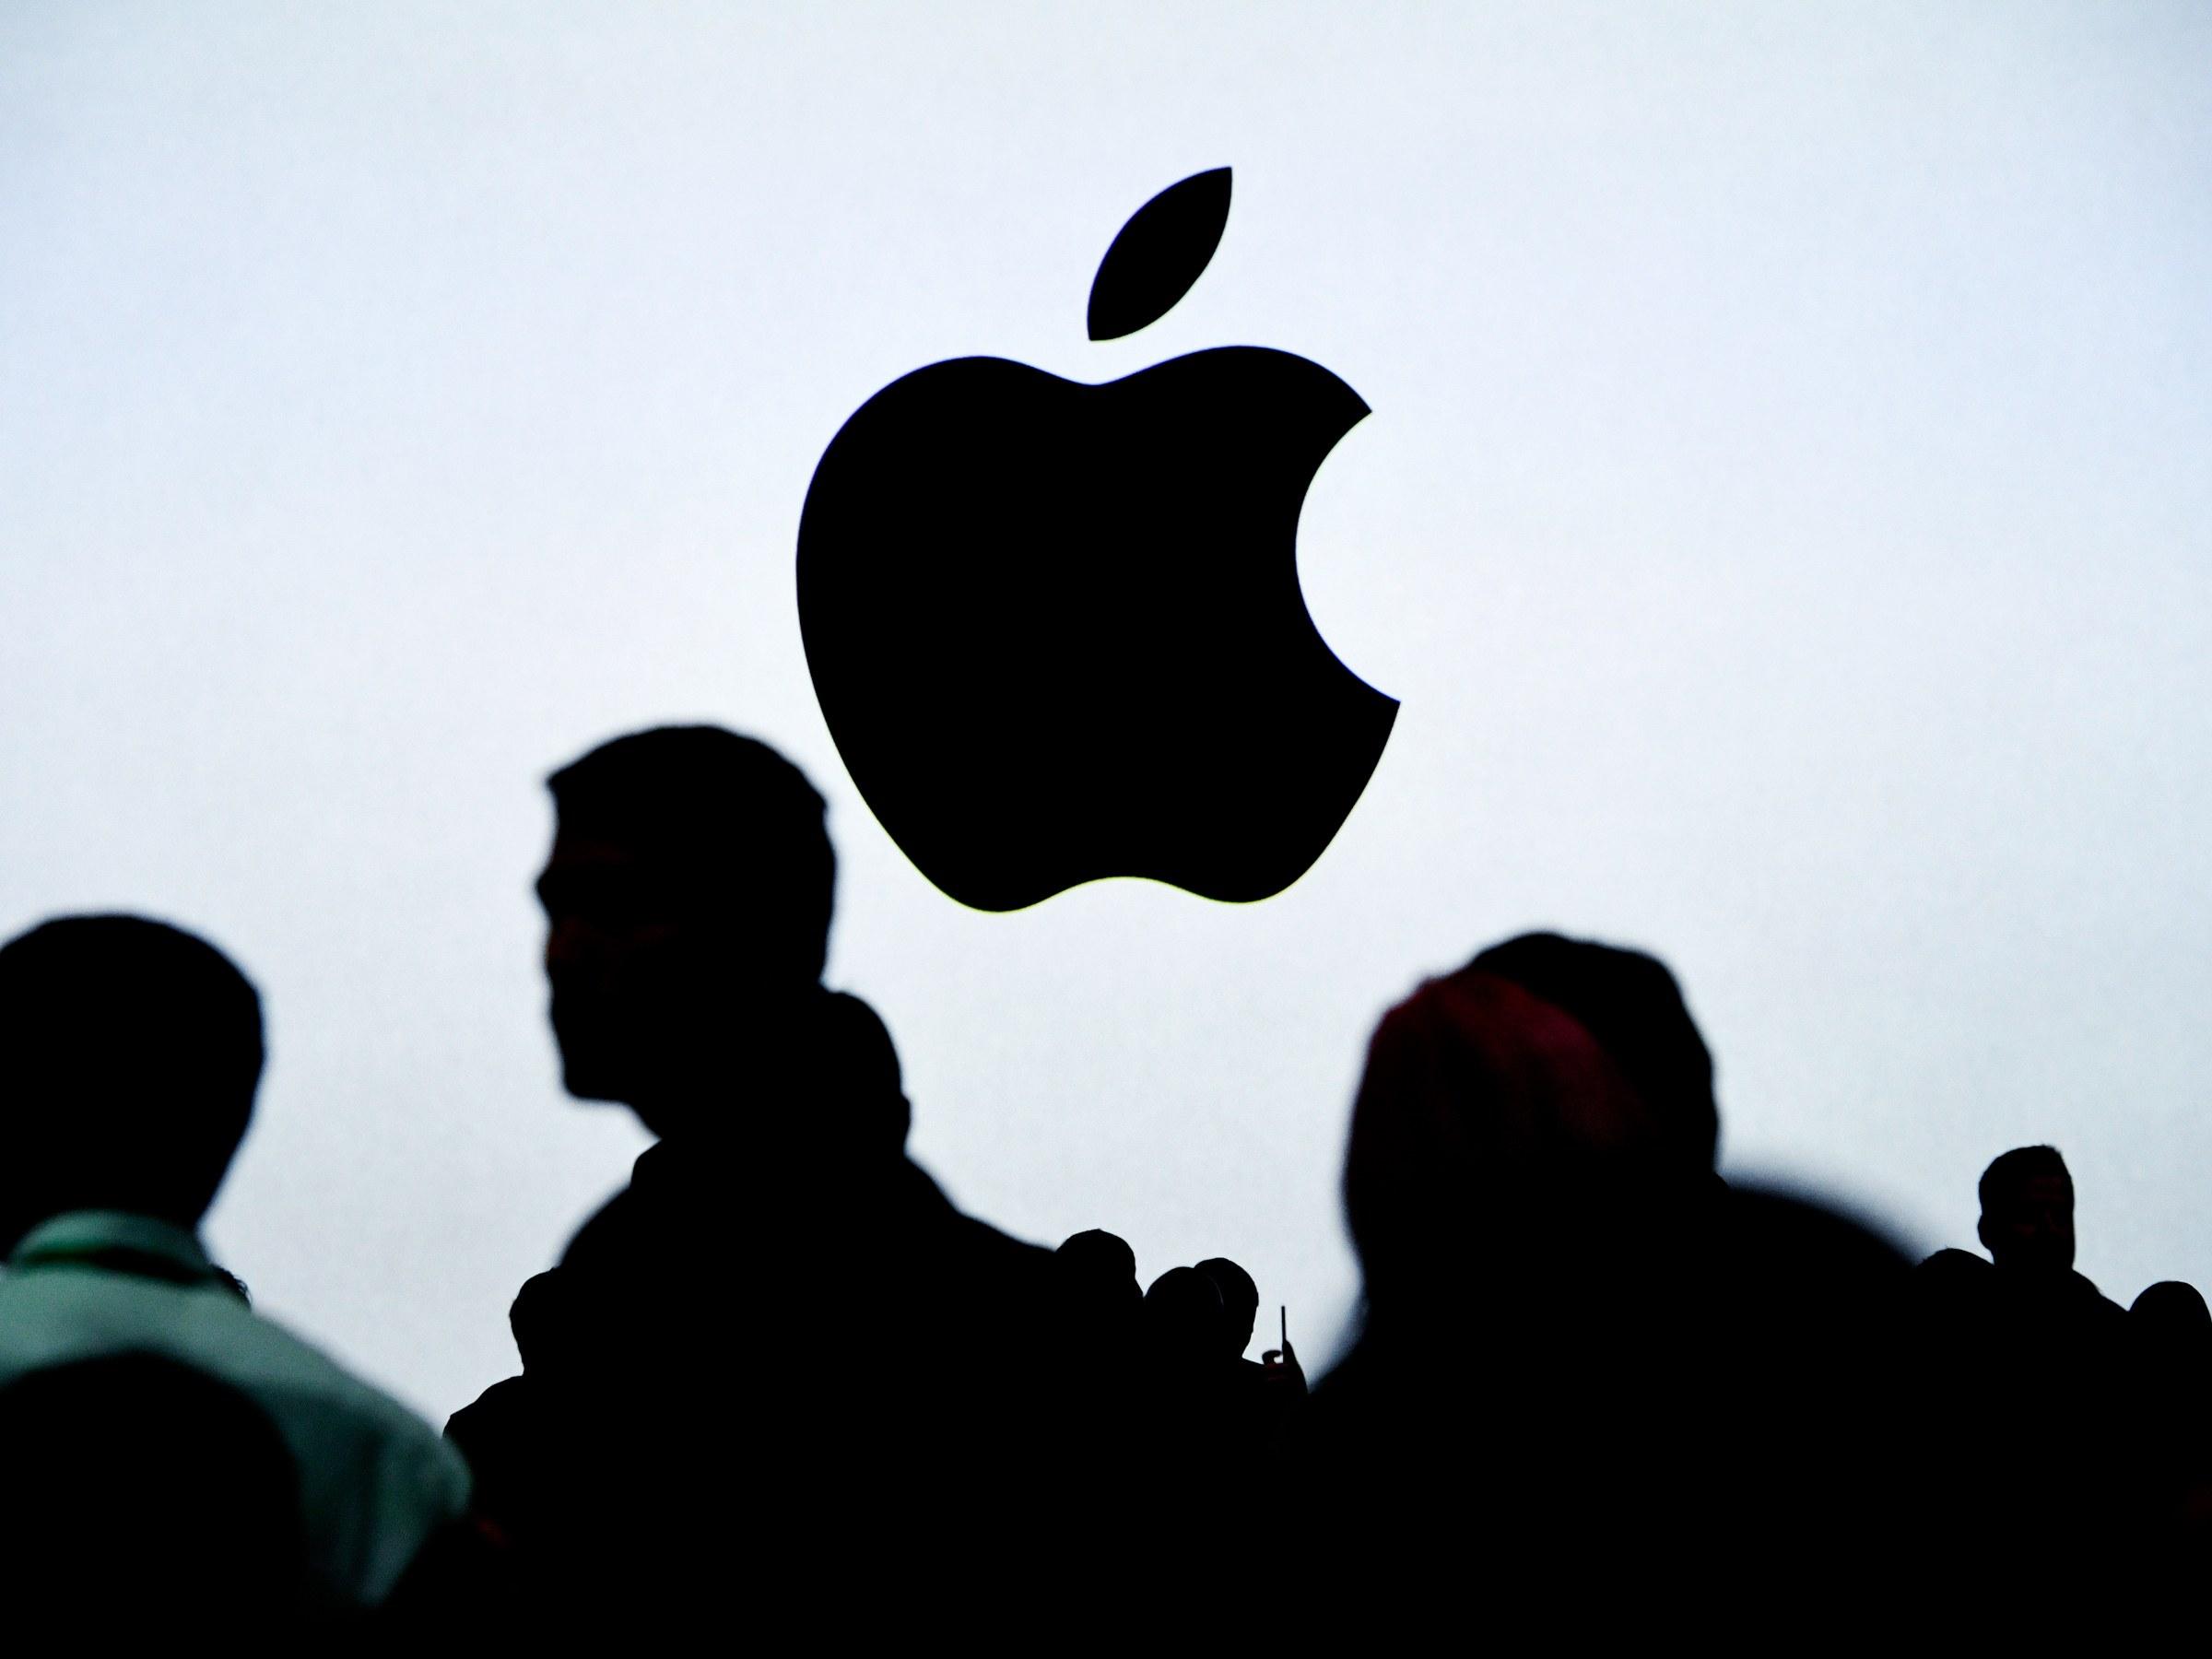 apple đang có doanh thu ế ẩm